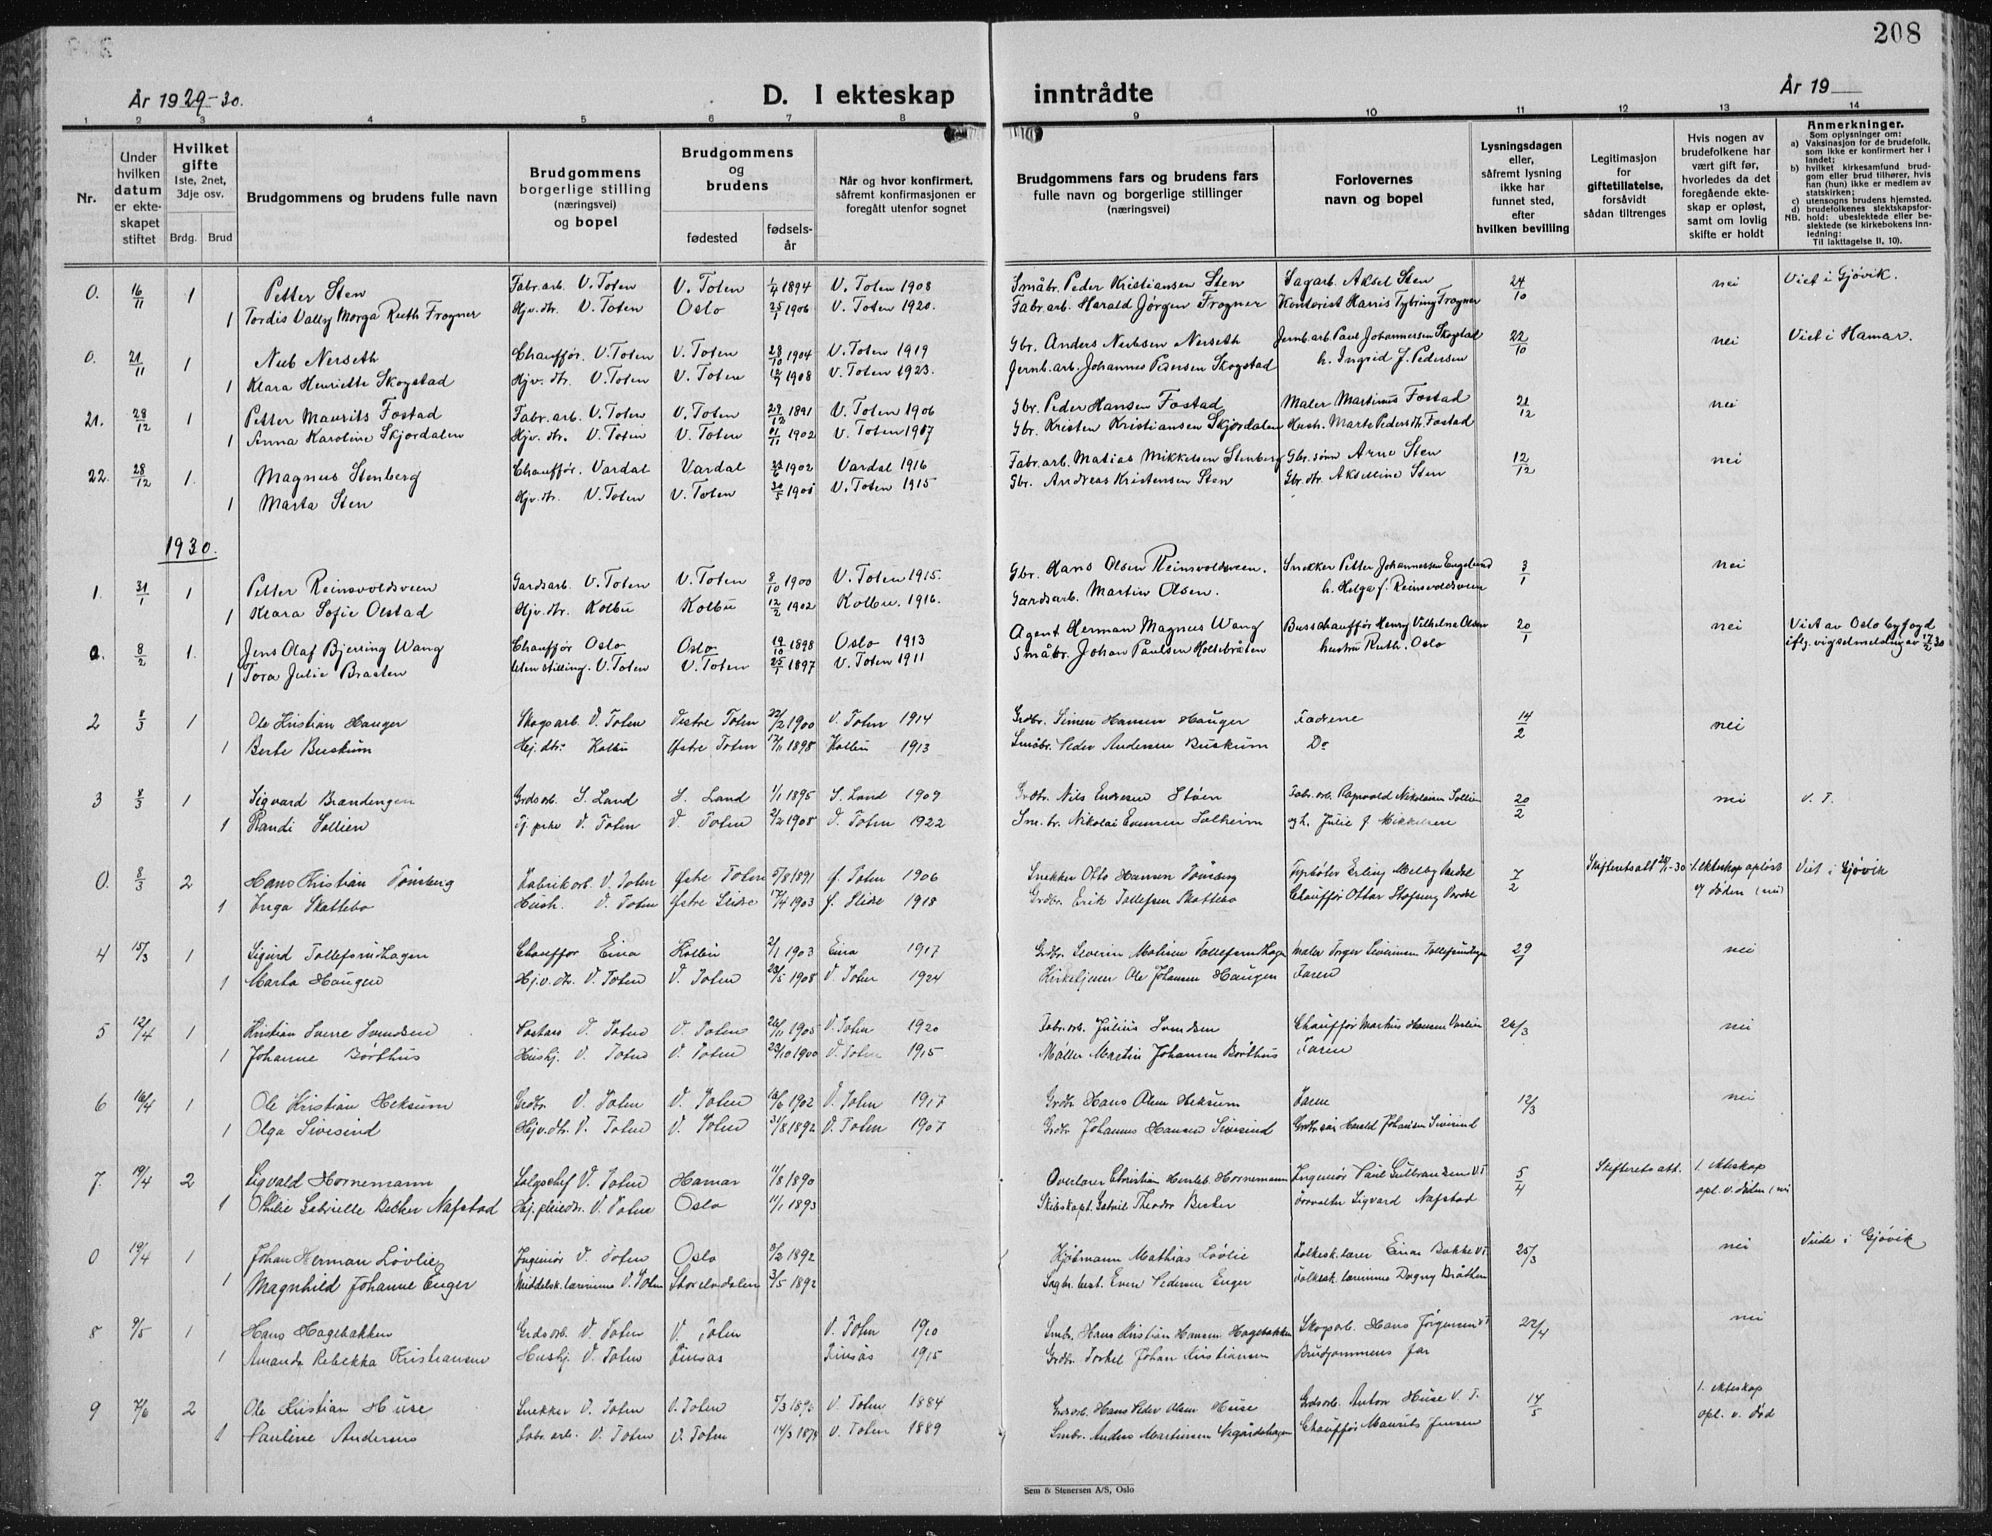 SAH, Vestre Toten prestekontor, Klokkerbok nr. 18, 1928-1941, s. 208